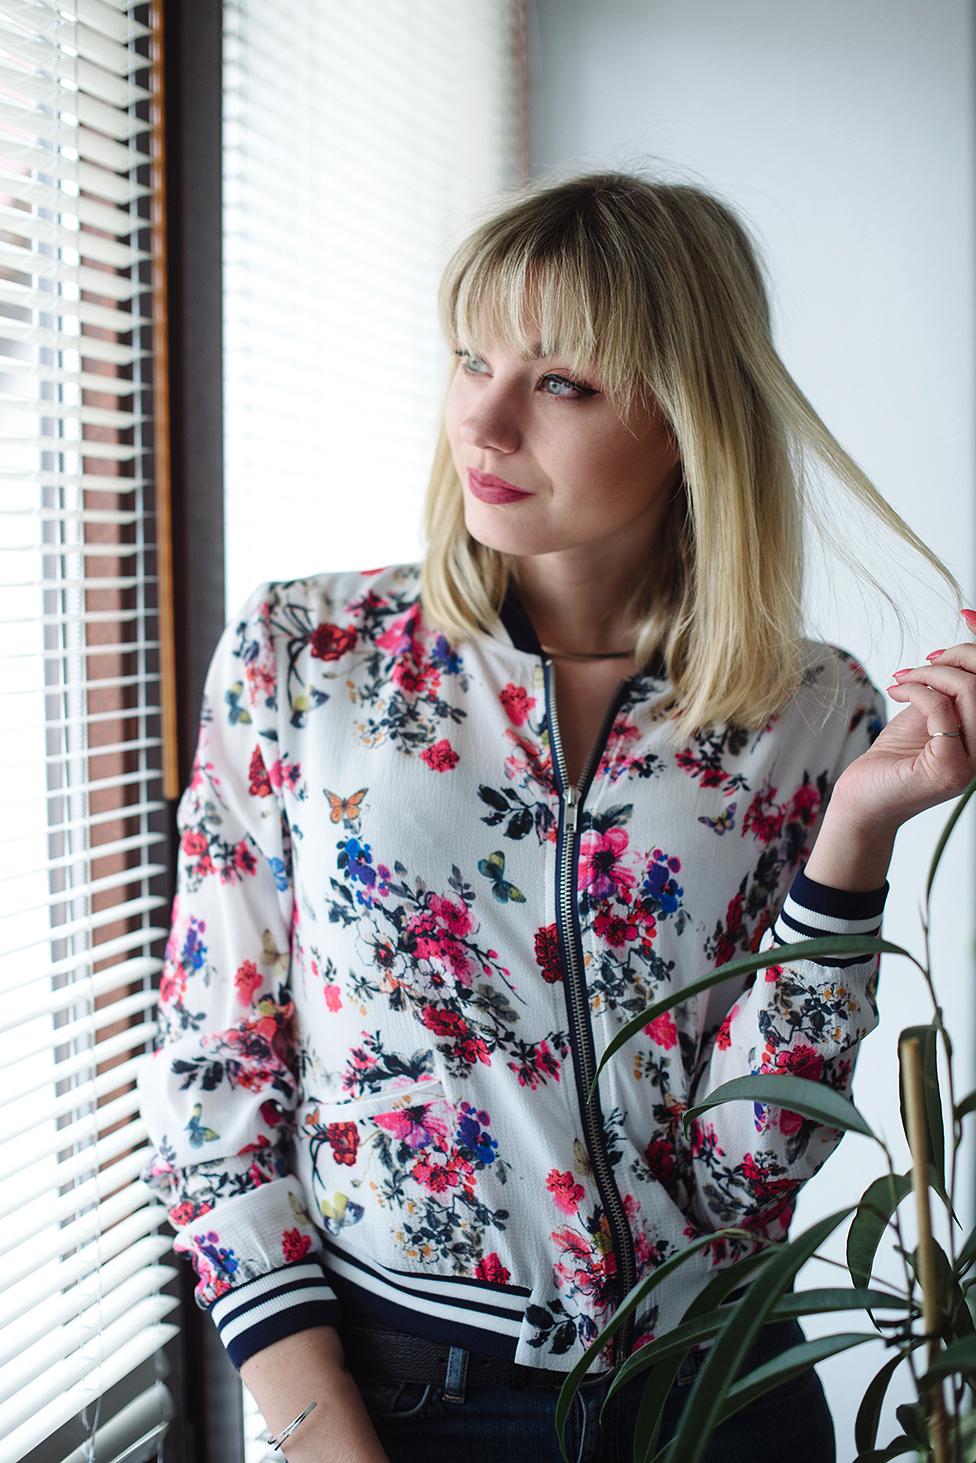 Kiamisu_Modeblog_Doppelmoral Bloggerwelt_Fashionblog_Beautyblog-5